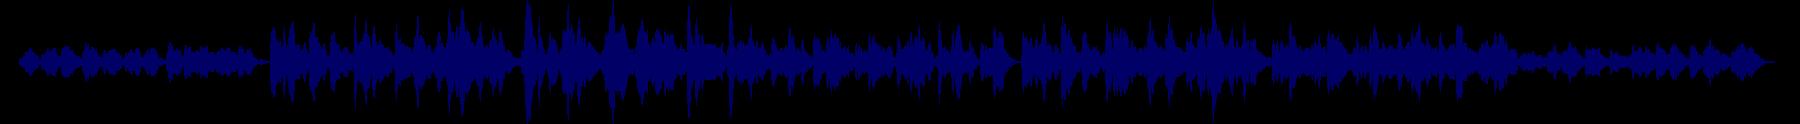 waveform of track #70356